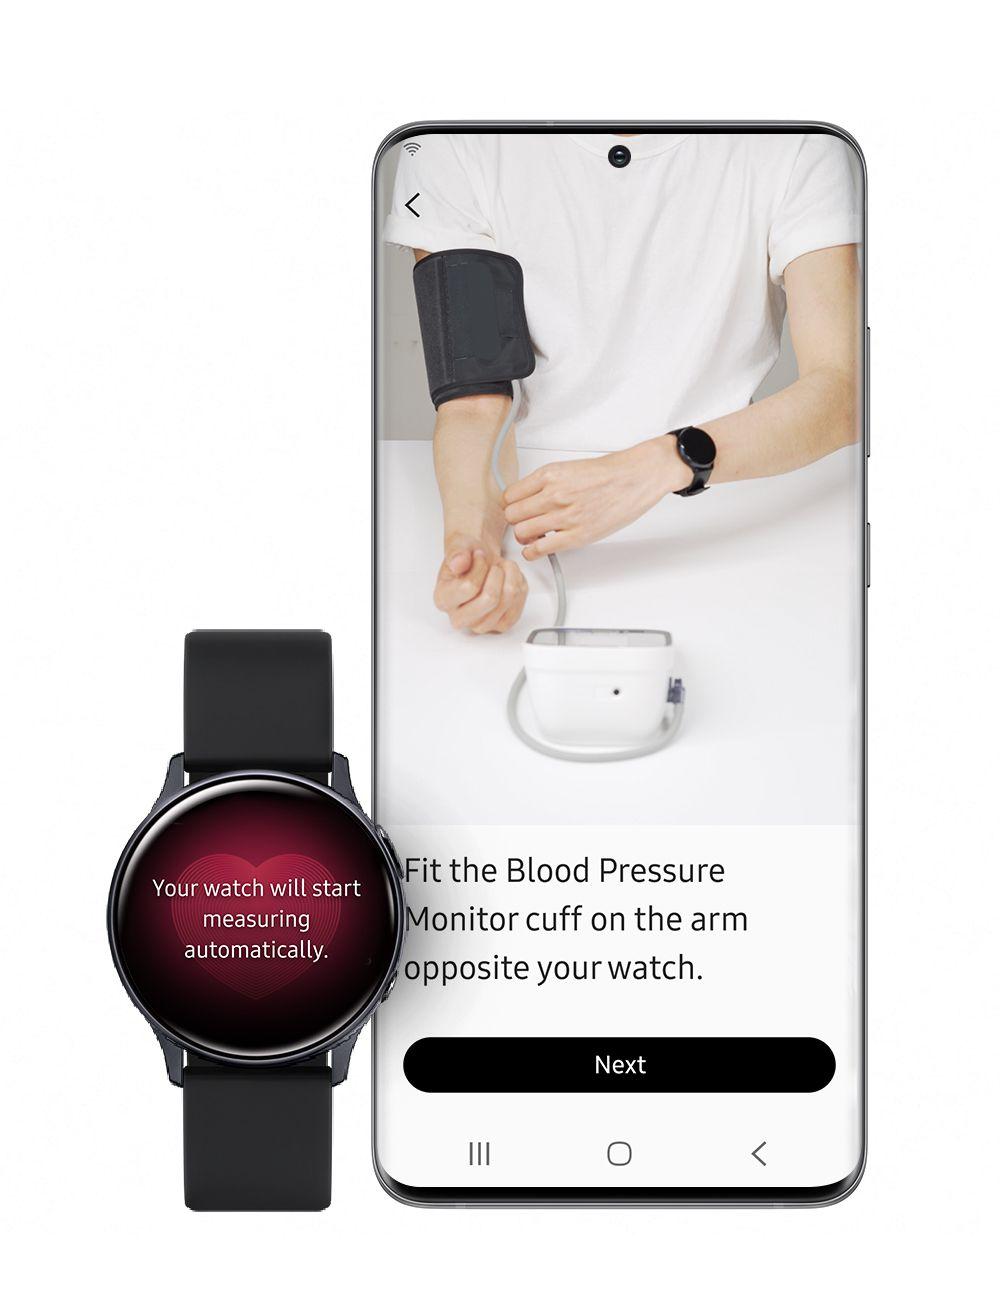 """Un ceas stă lângă un telefon într-o ilustrare foto.  Ceasul are imaginea unei inimi și un text care spune """"ceasul tău va începe să măsoare automat"""" Telefonul afișează fotografia unei persoane care poartă o cămașă albă.  Unul dintre brațele persoanei are un ceas, celălalt are o manșetă de tensiune arterială."""